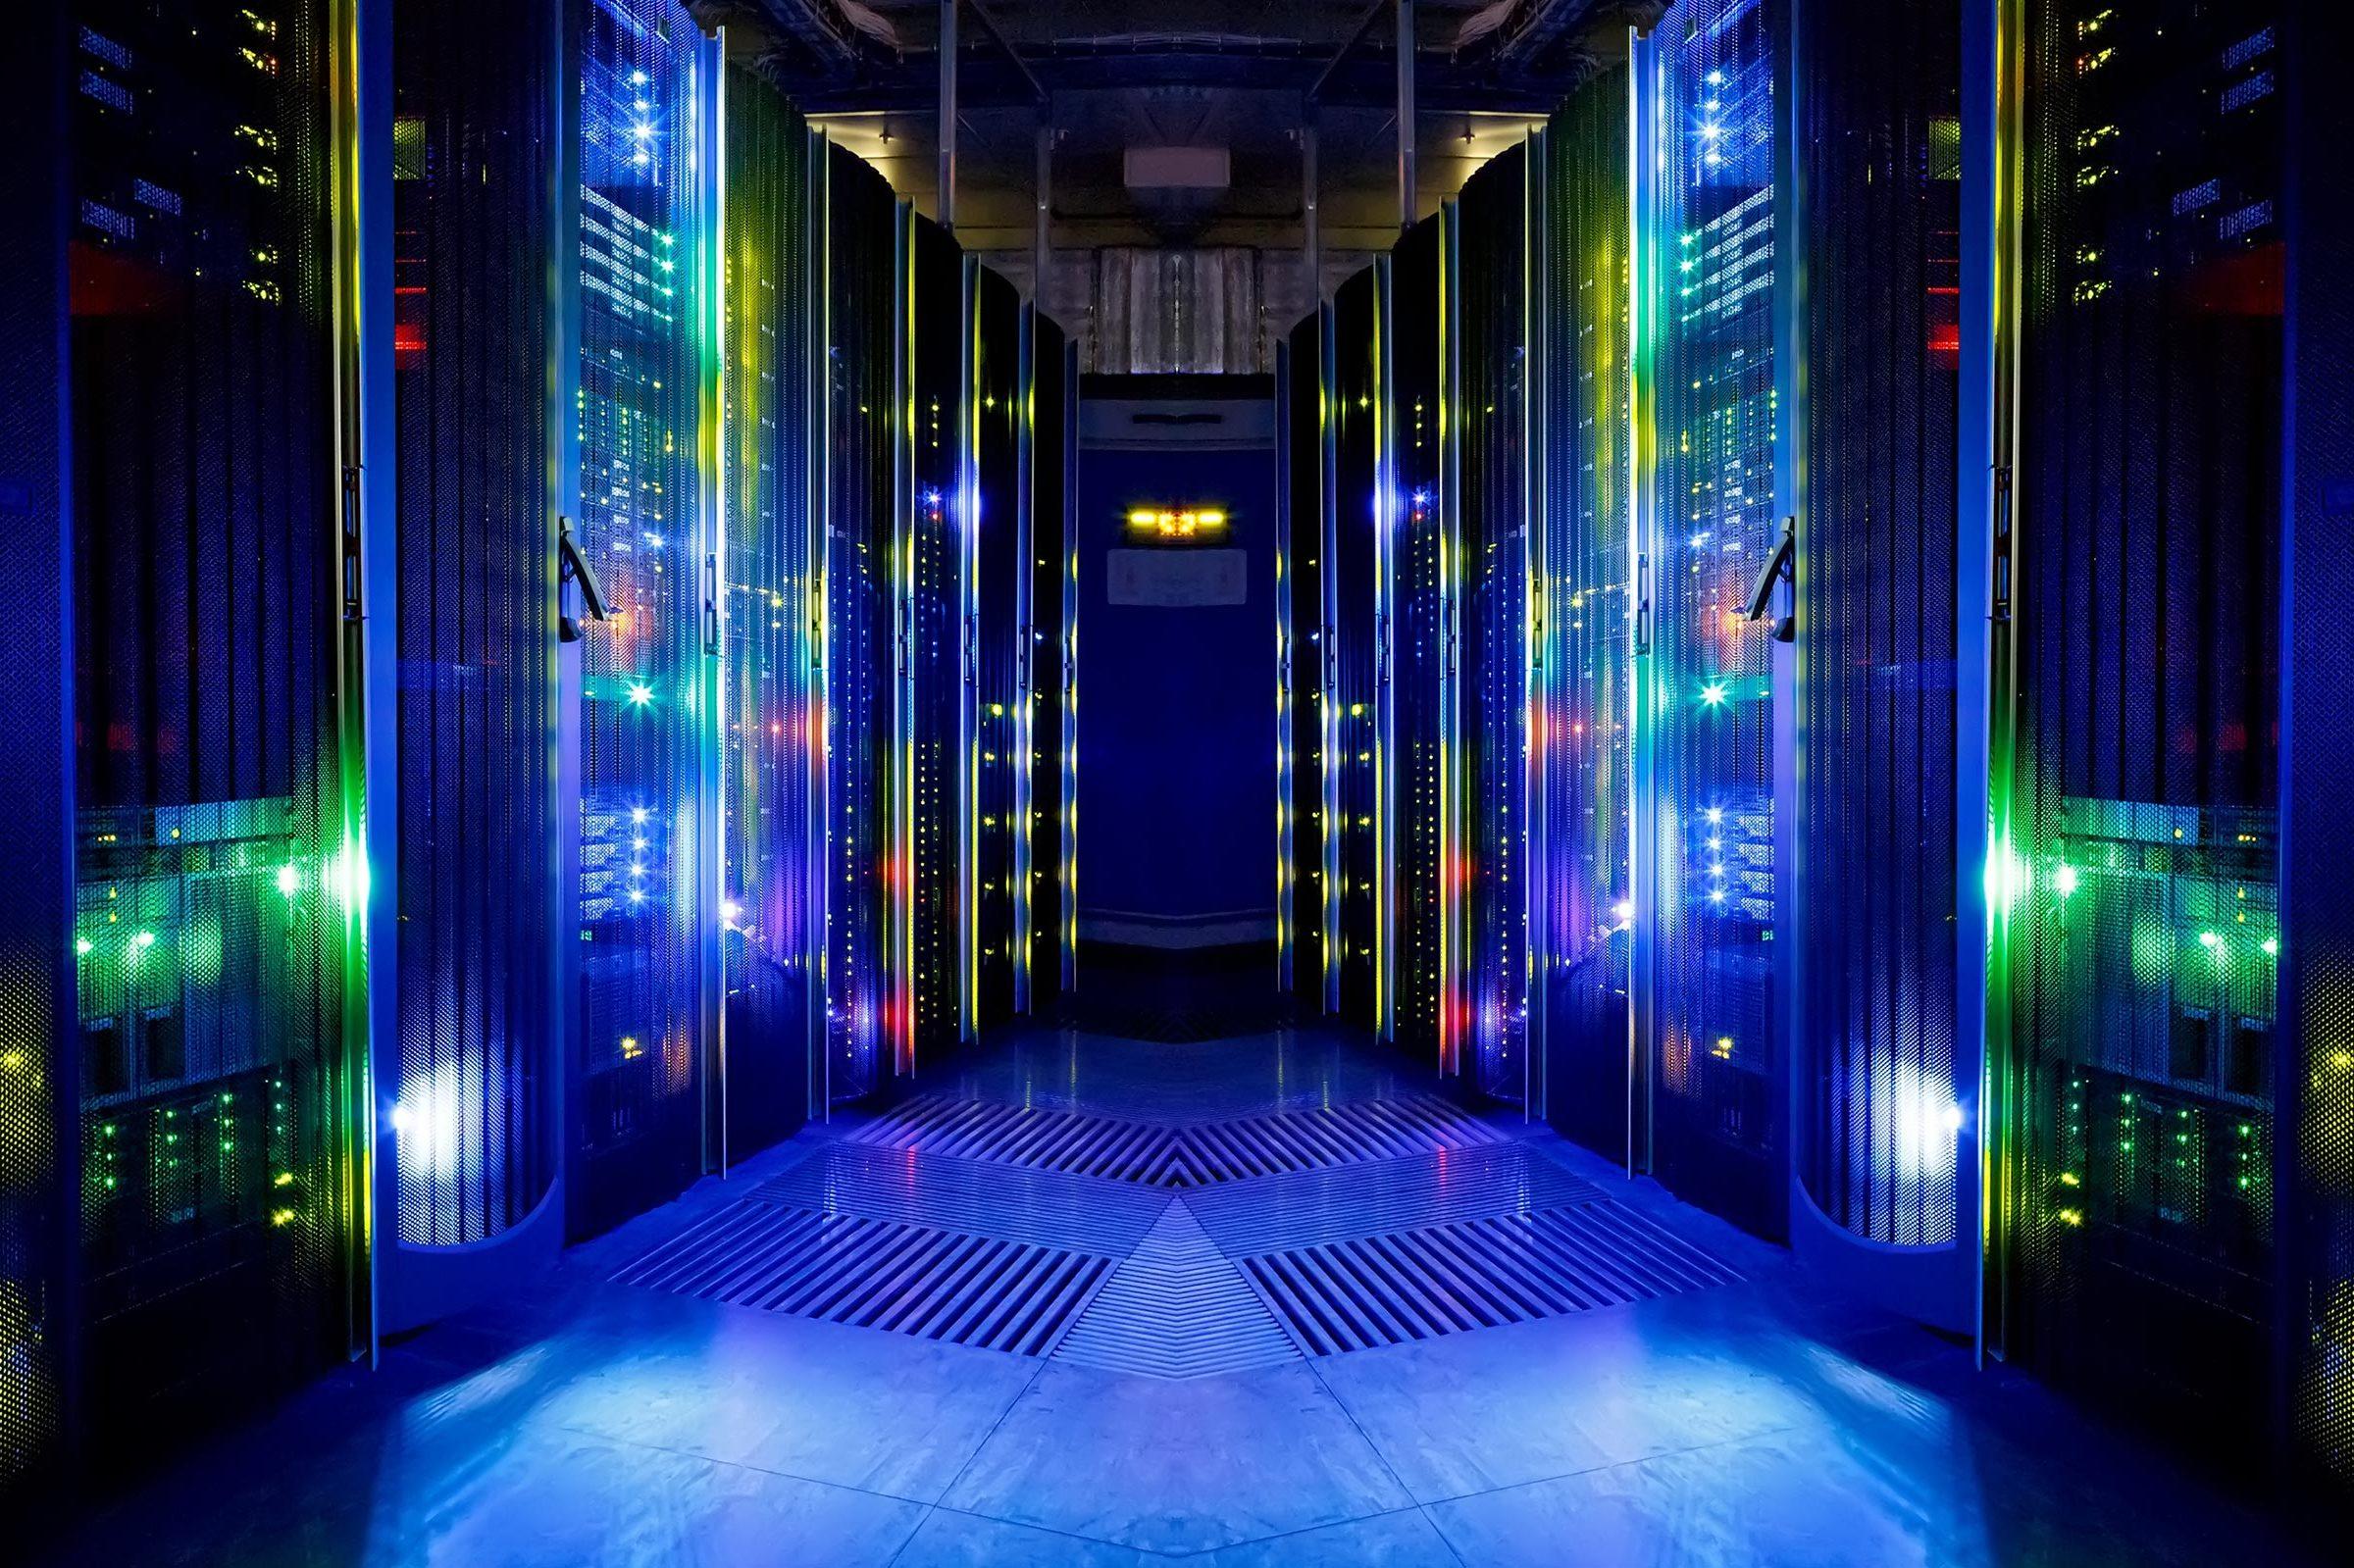 A server room inside a data center.